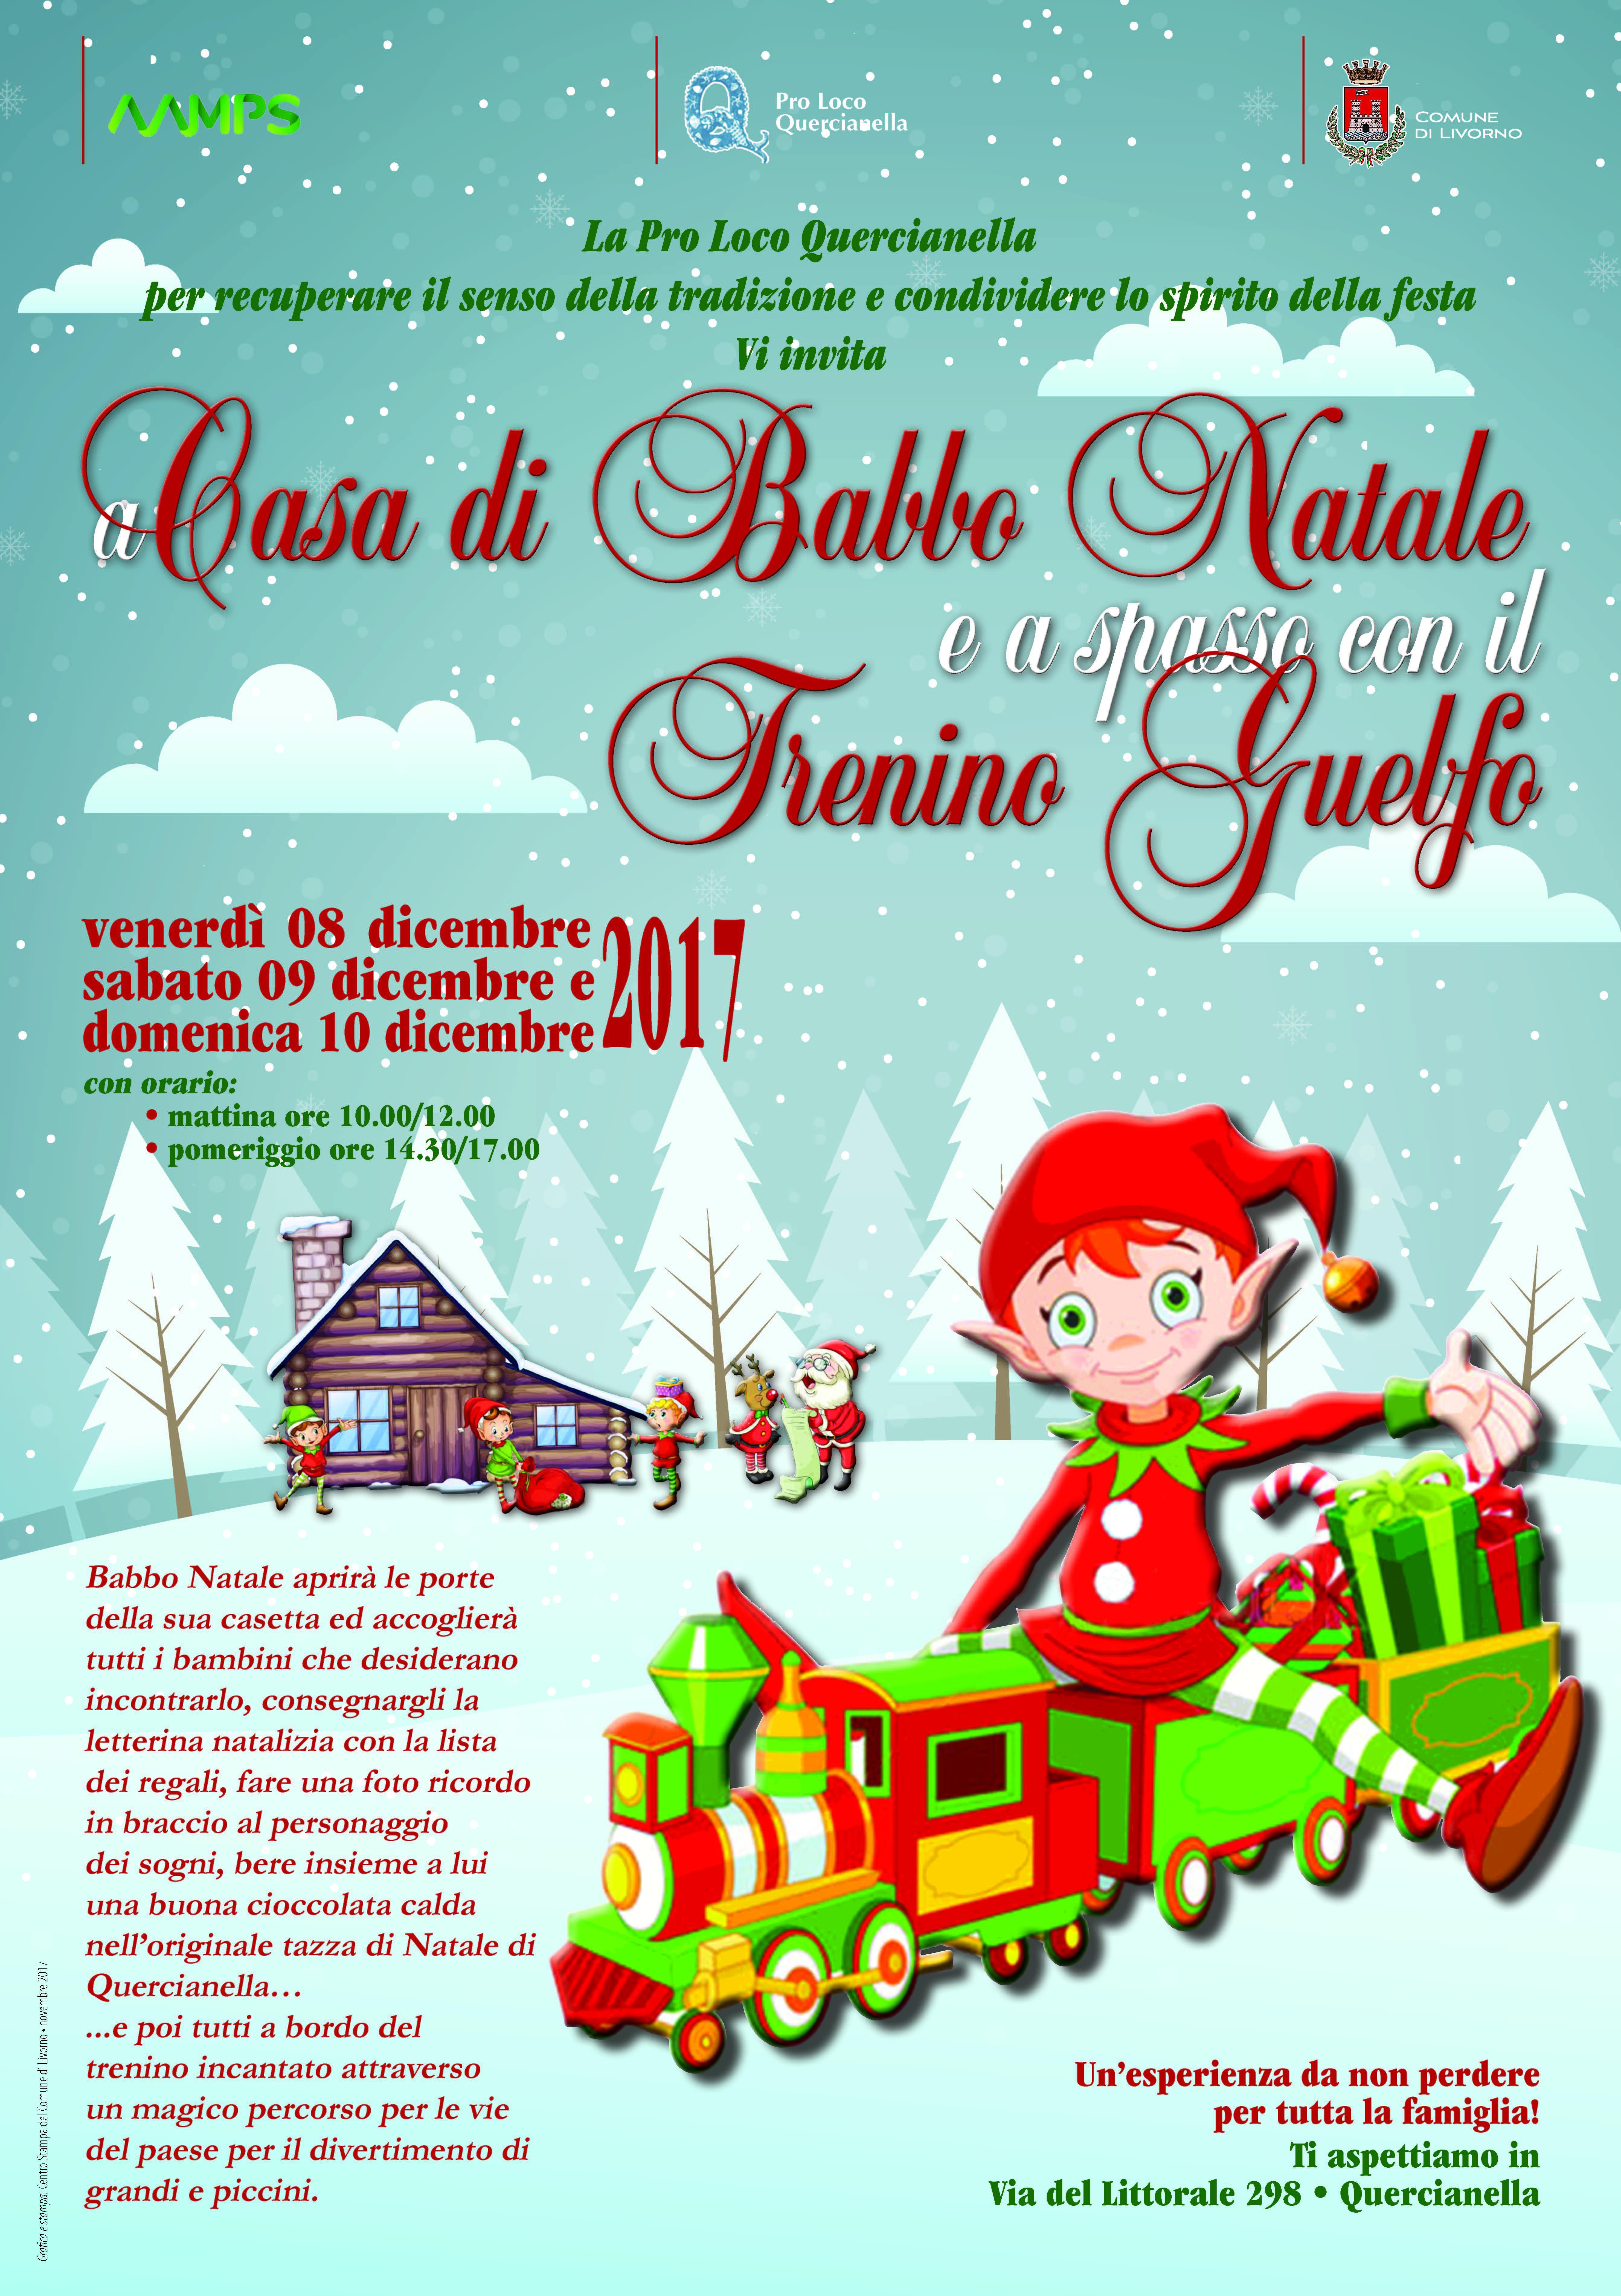 Babbo Natale A Casa Dei Bambini.Toscana To Eventi E Notizie A Casa Di Babbo Natale E A